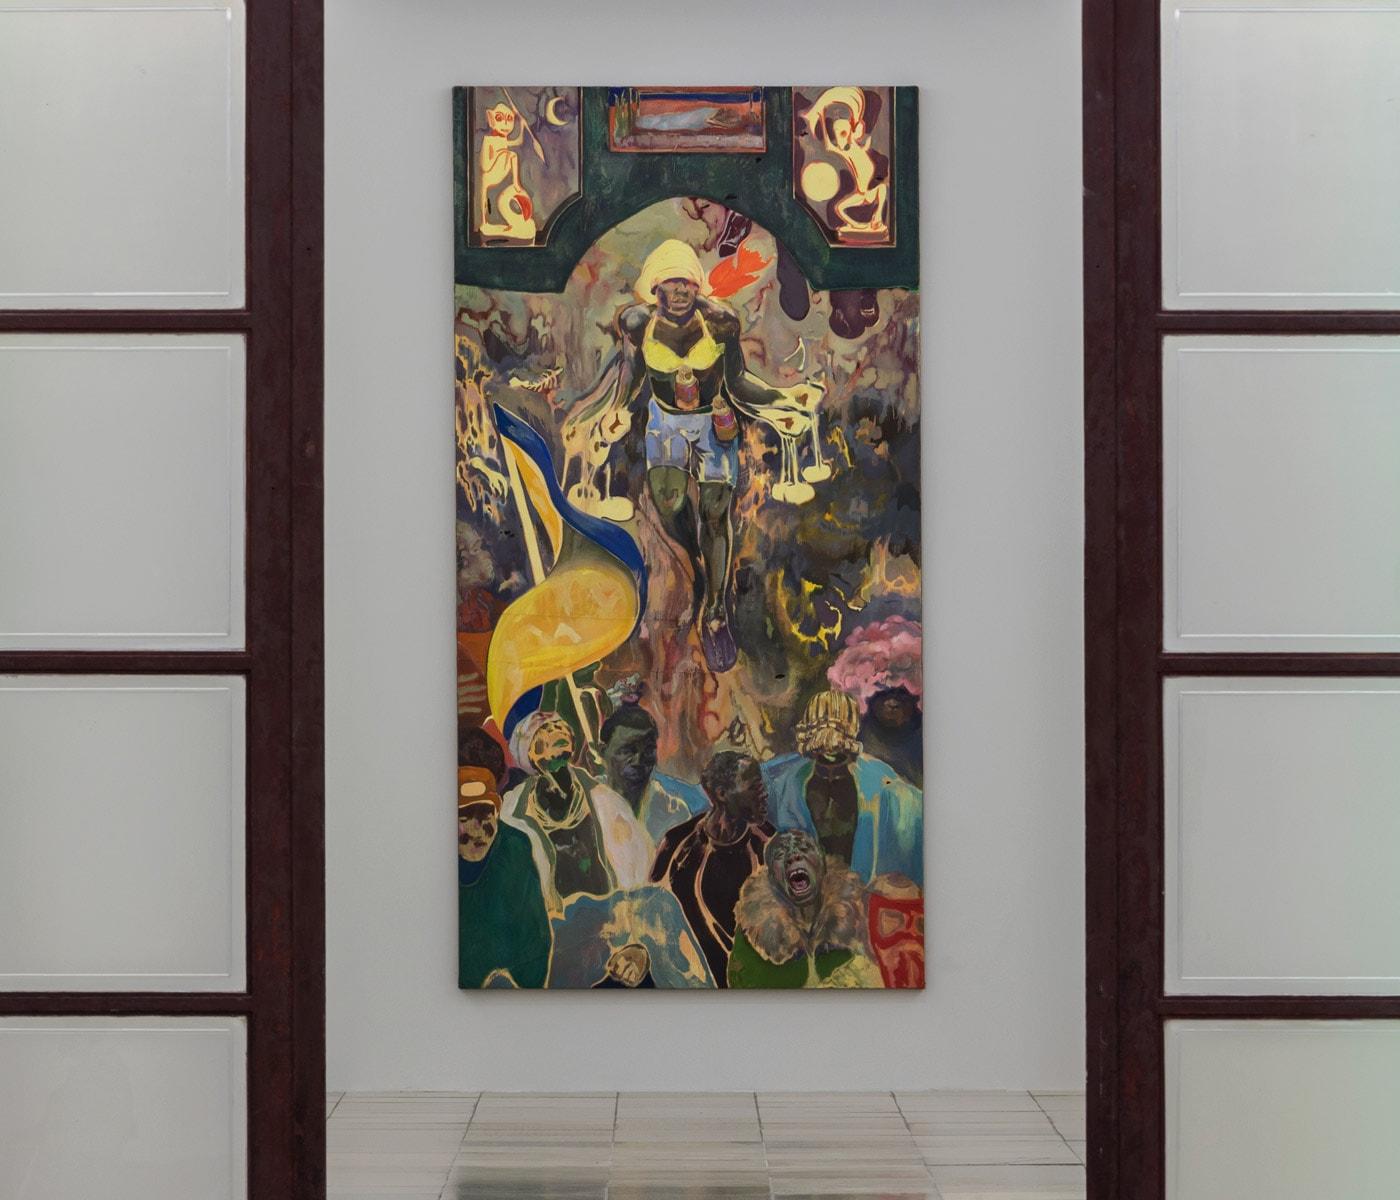 Kunstführung mit Baby im Oktober in München: Michael Armitage im Haus der Kunst // HIMBEER